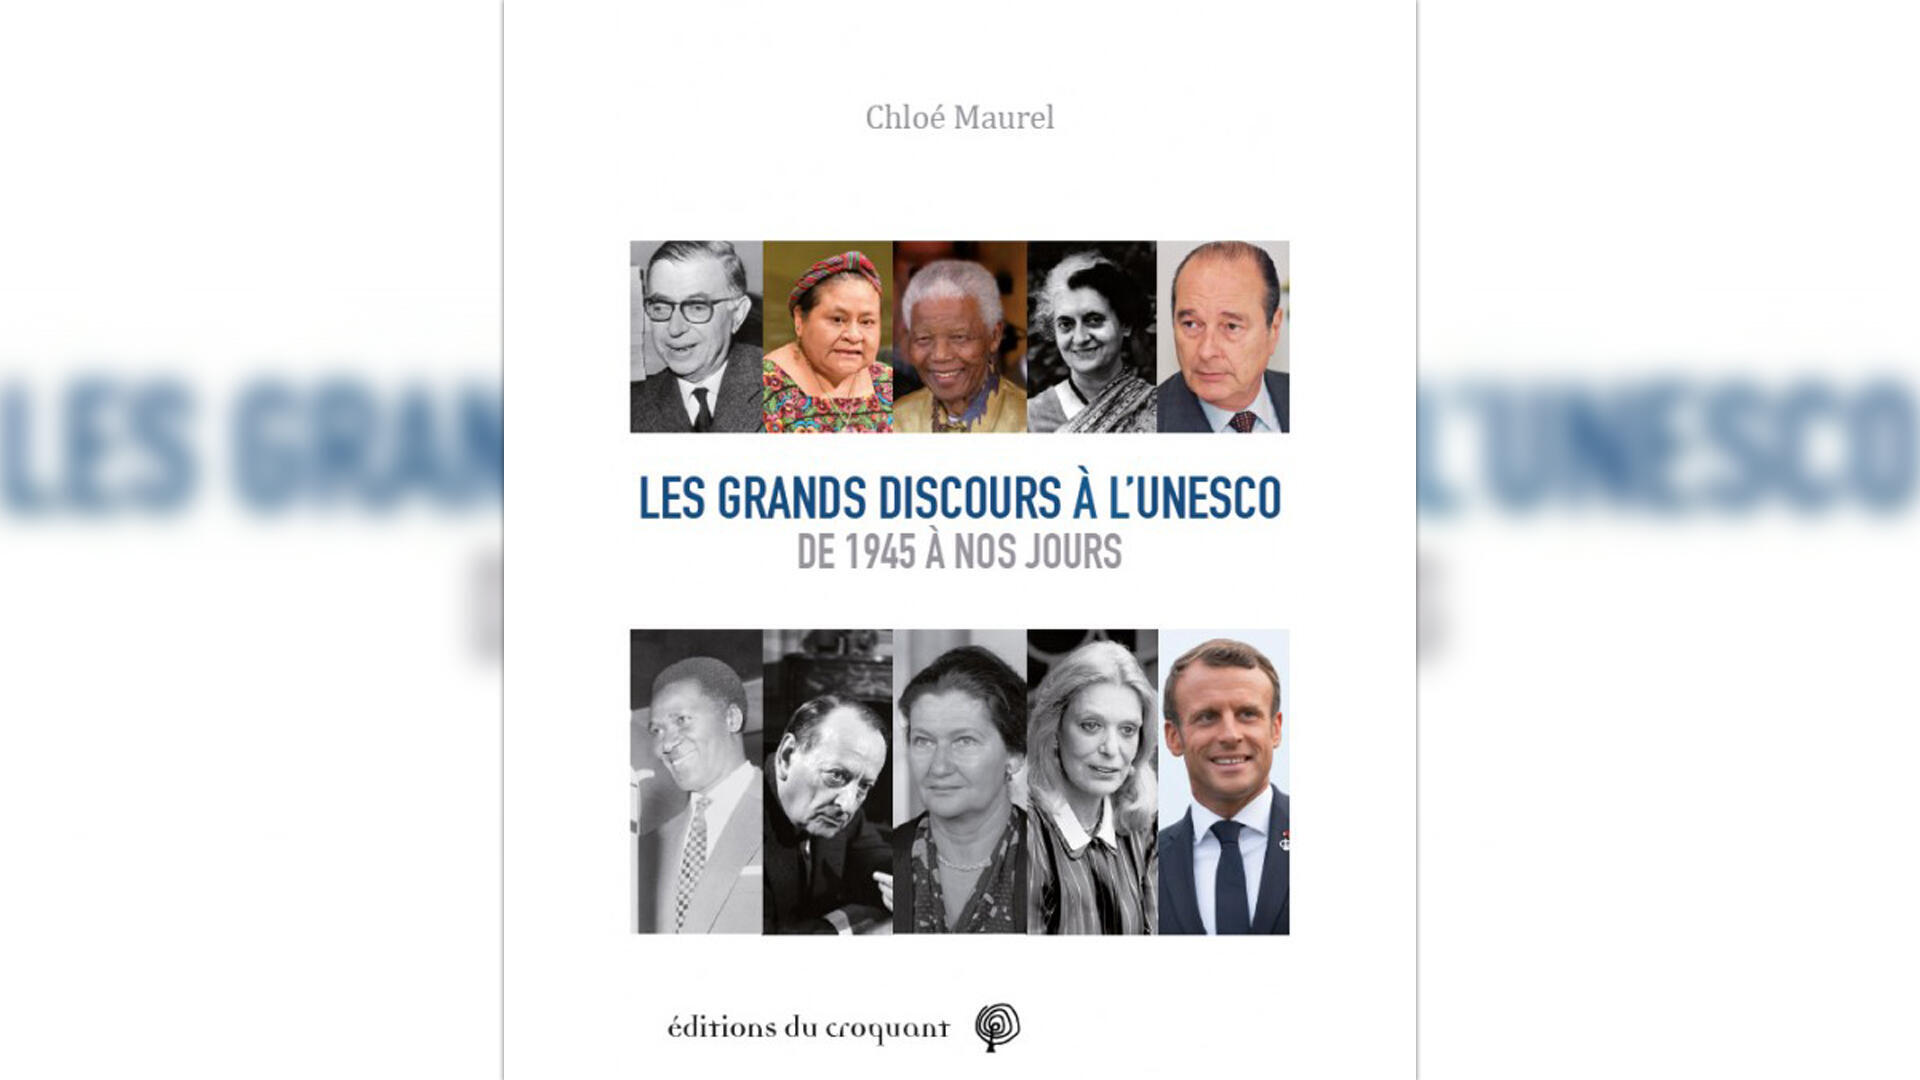 Couverture - Les grands discours à l'Unesco - Chloé Maurel - La marche du monde